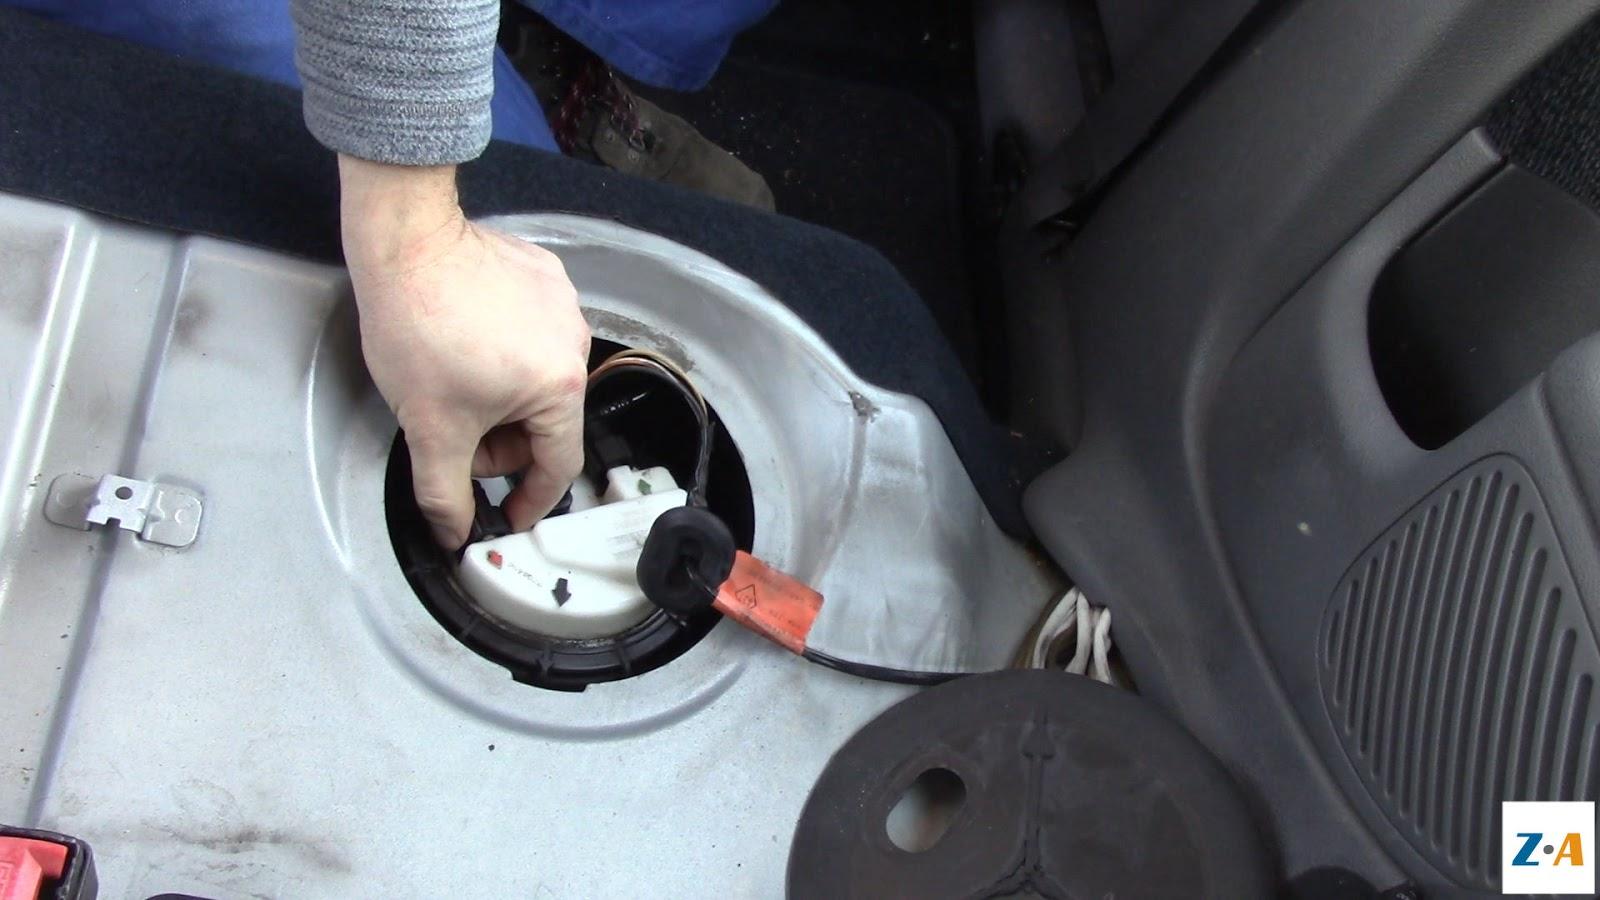 Appuyer de part et d'autre des prises des tuyaux de carburant pour les débrancher.